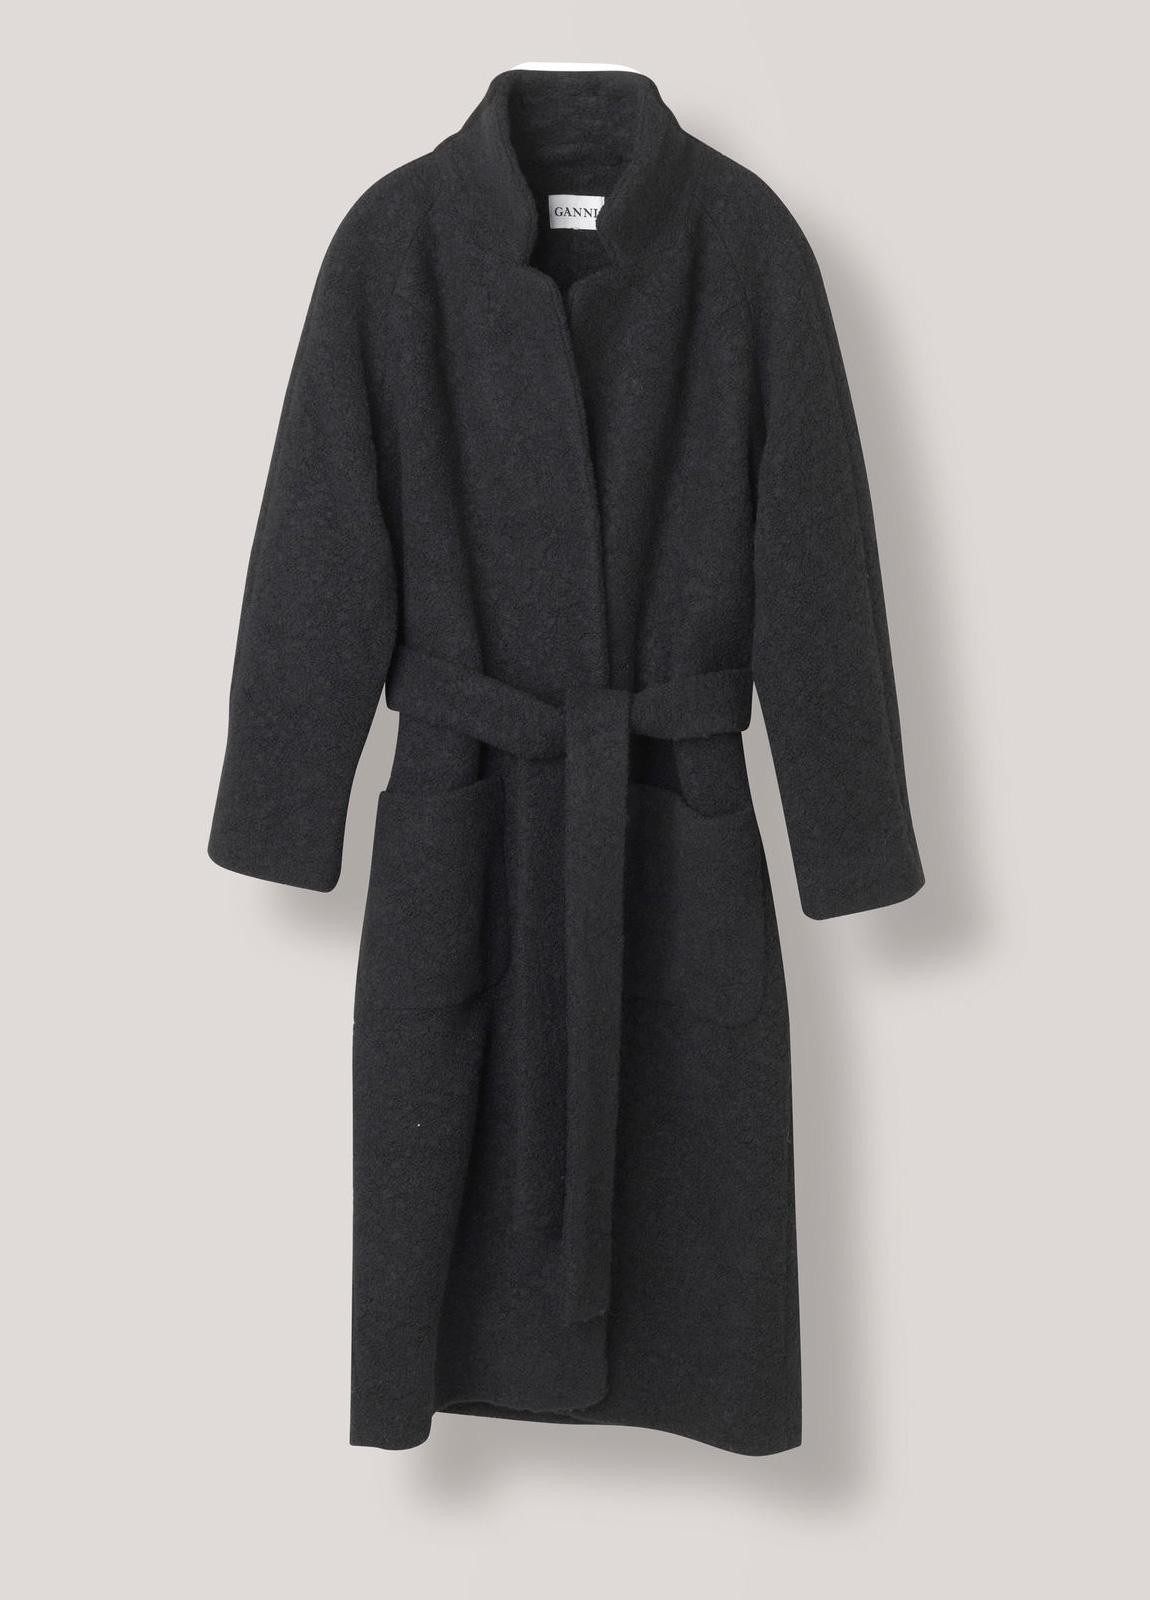 Abrigo con mezcla de lana texturizada color negro con cinturón y bolsillos parche. 50% Lana 50% Poliéster.